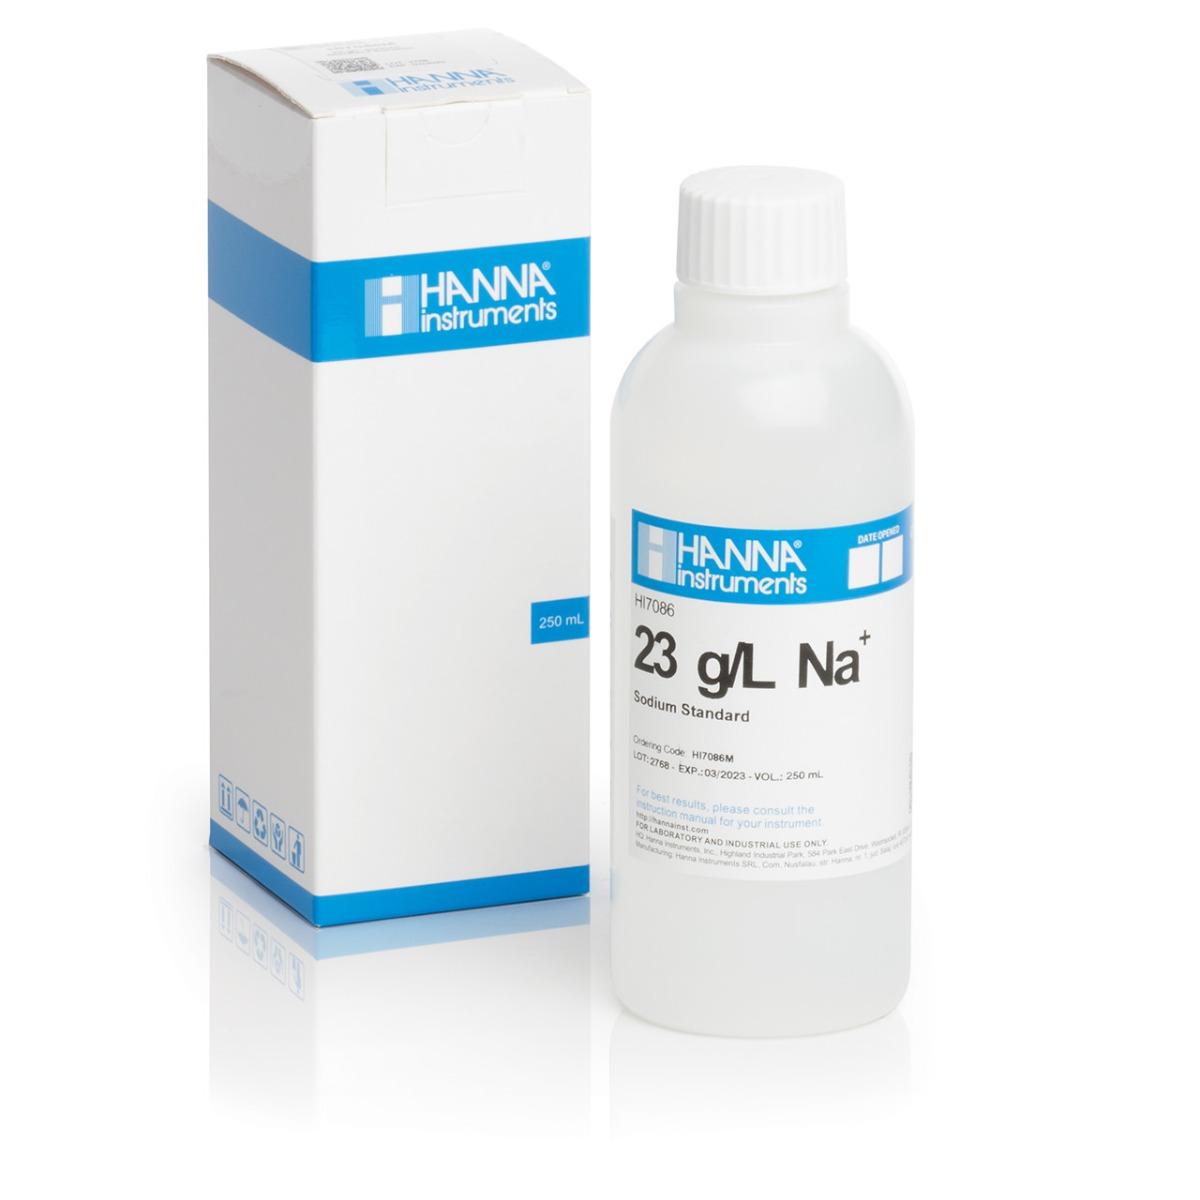 HI7086M 23 g/L Na+ Standard Solution (230 mL Bottle)